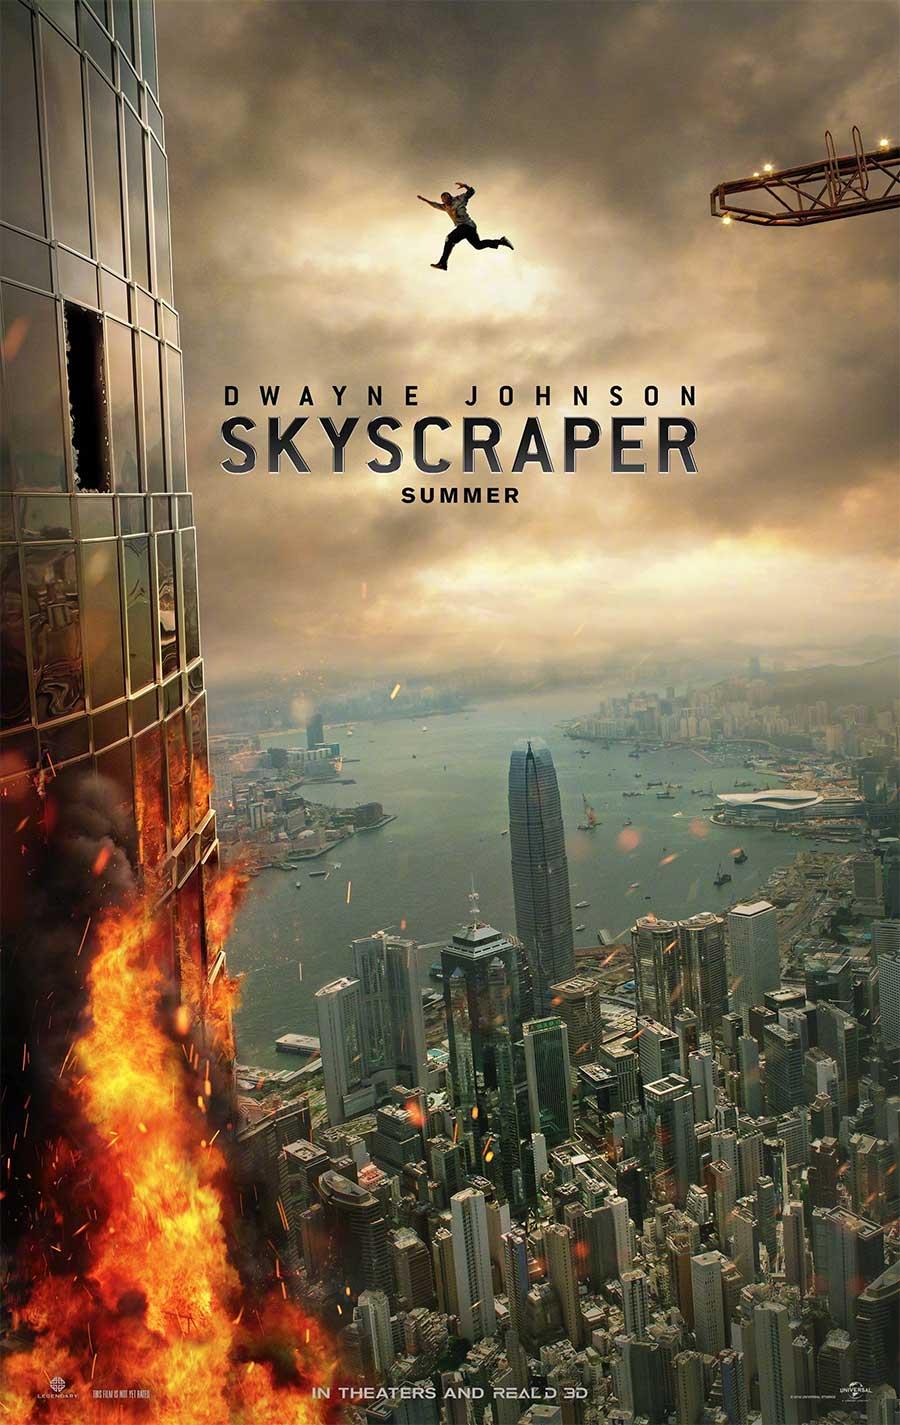 Poster for Skyscraper